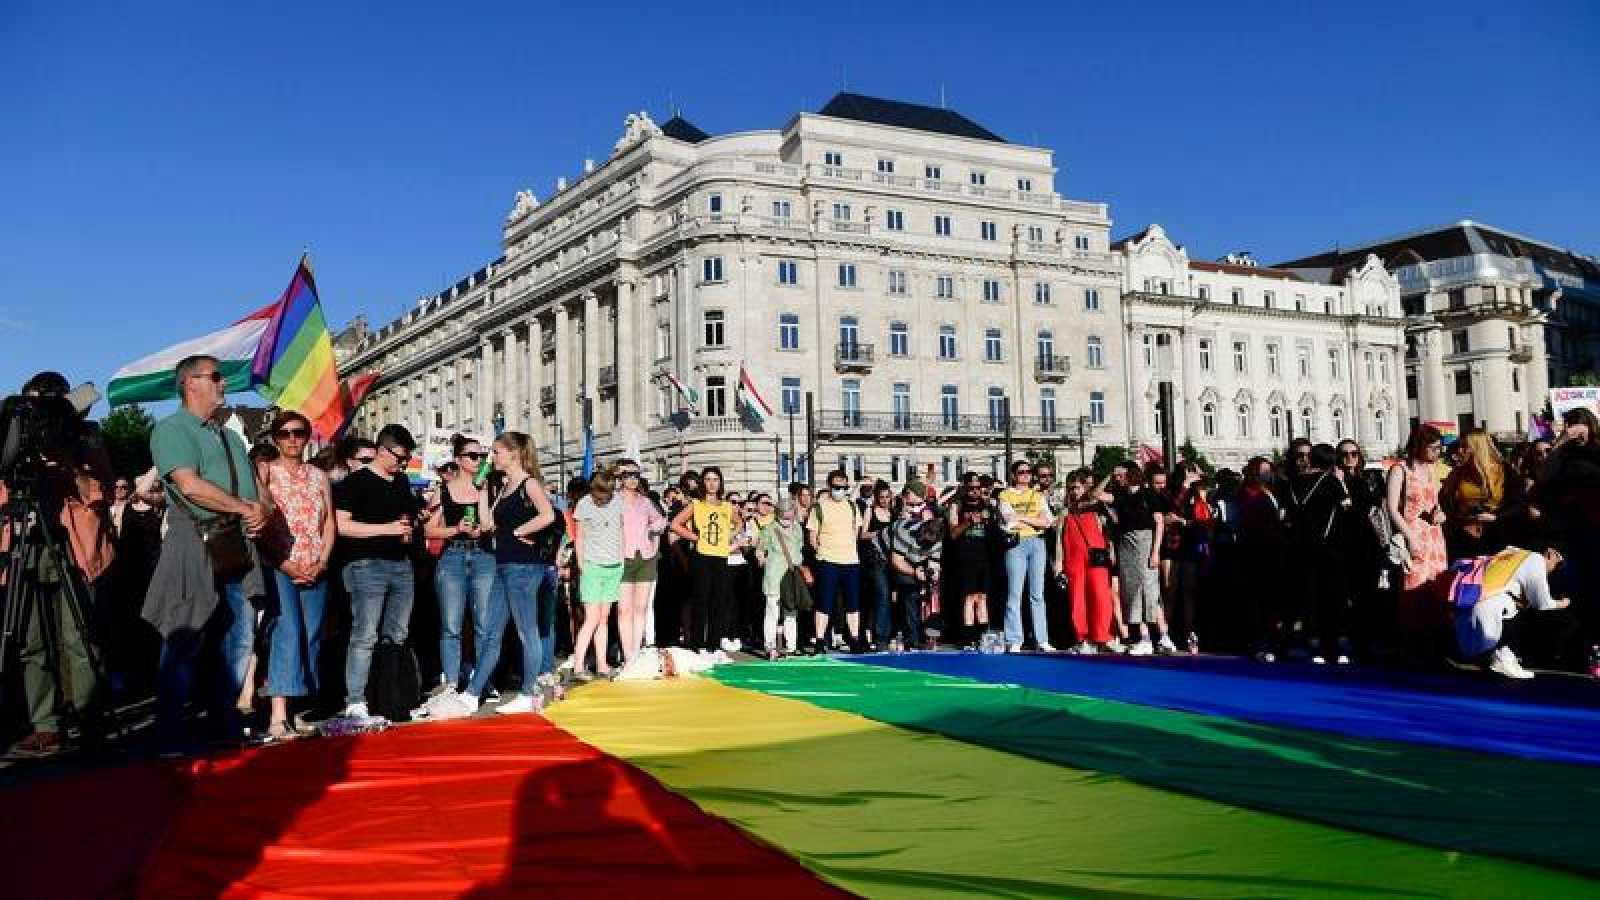 Grupos LGTBIQ protestan frente al Parlamento húngaro